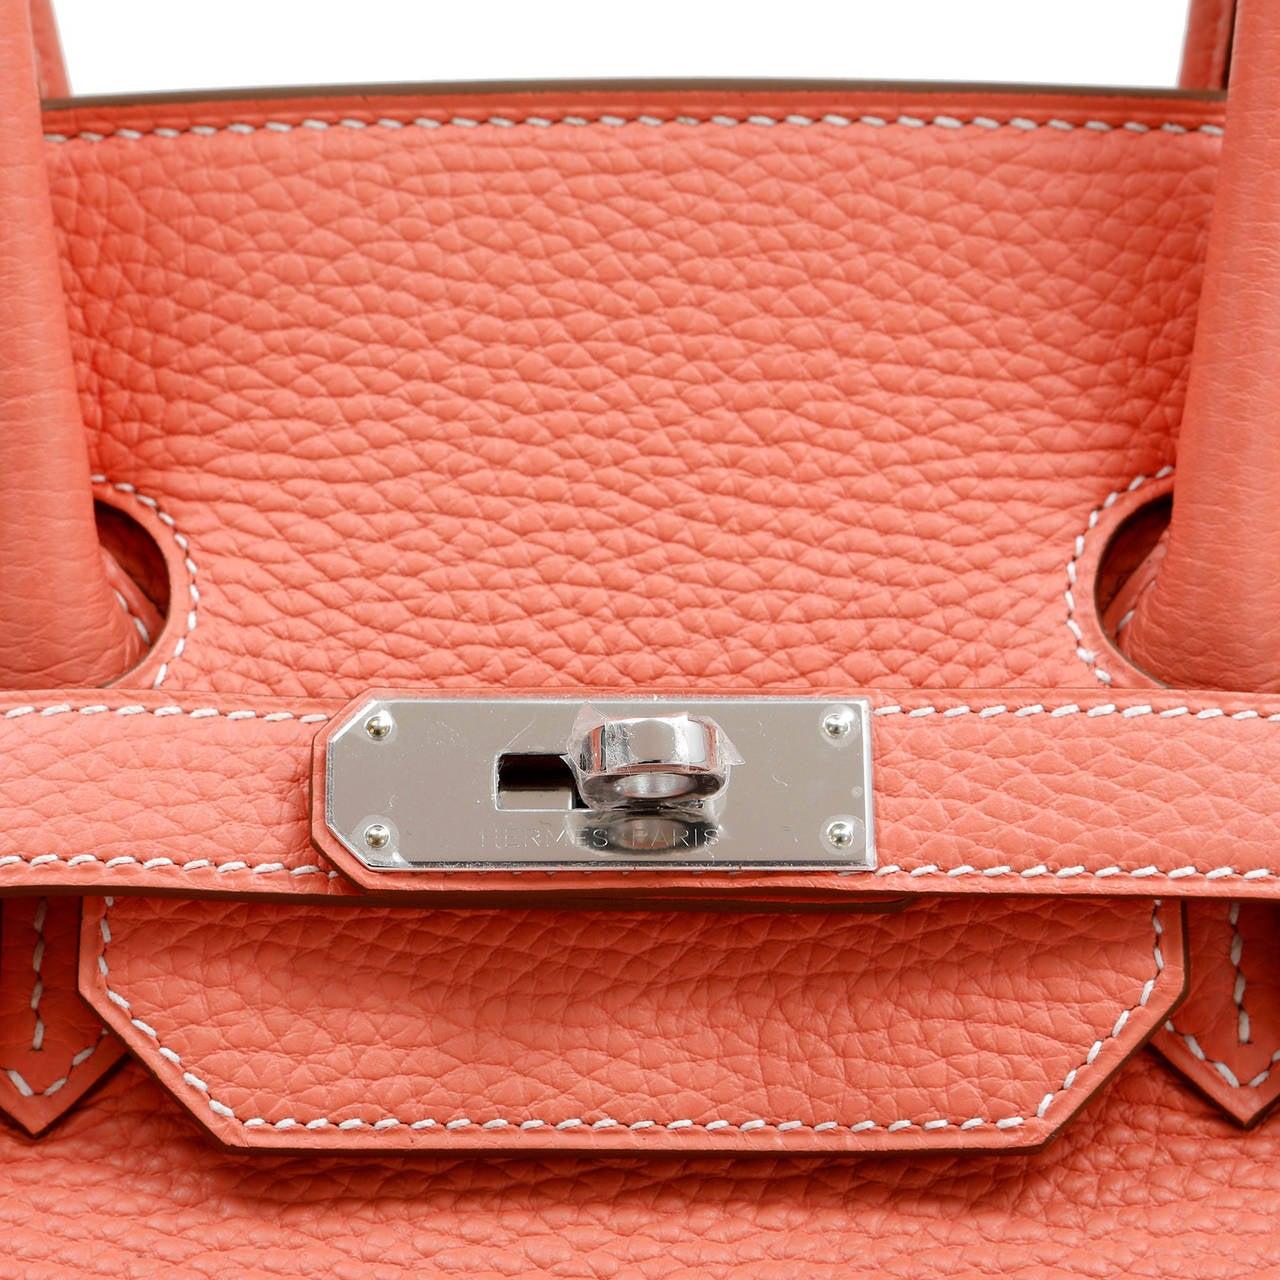 Hermes Crevette Togo 35 cm Birkin Bag- Salmon Pink Color For Sale 3